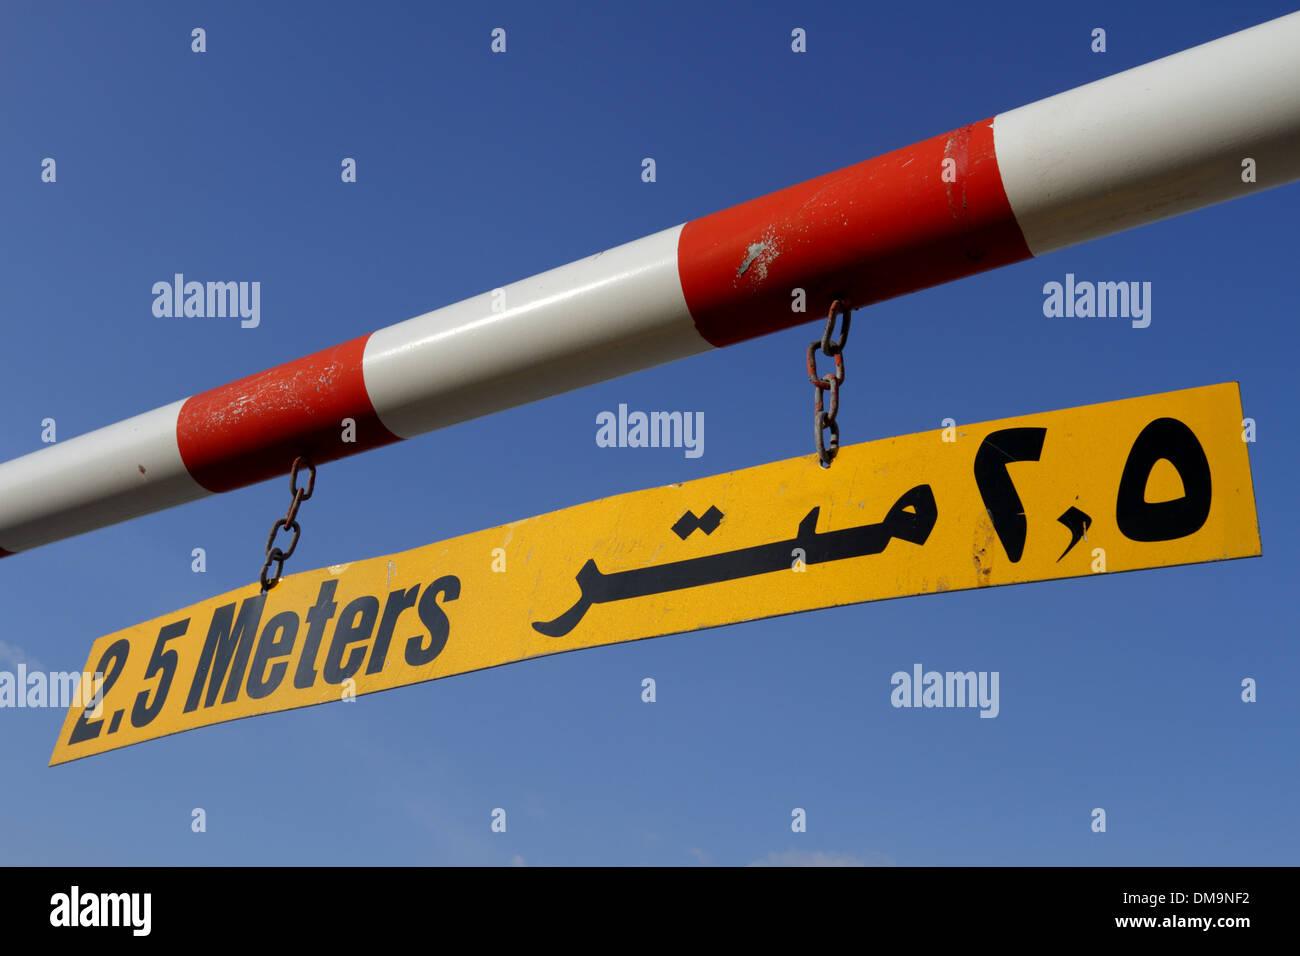 Hauteur maximale d'un panneau d'avertissement dans l'anglais et l'arabe contre un ciel bleu, Royaume de Bahreïn Photo Stock